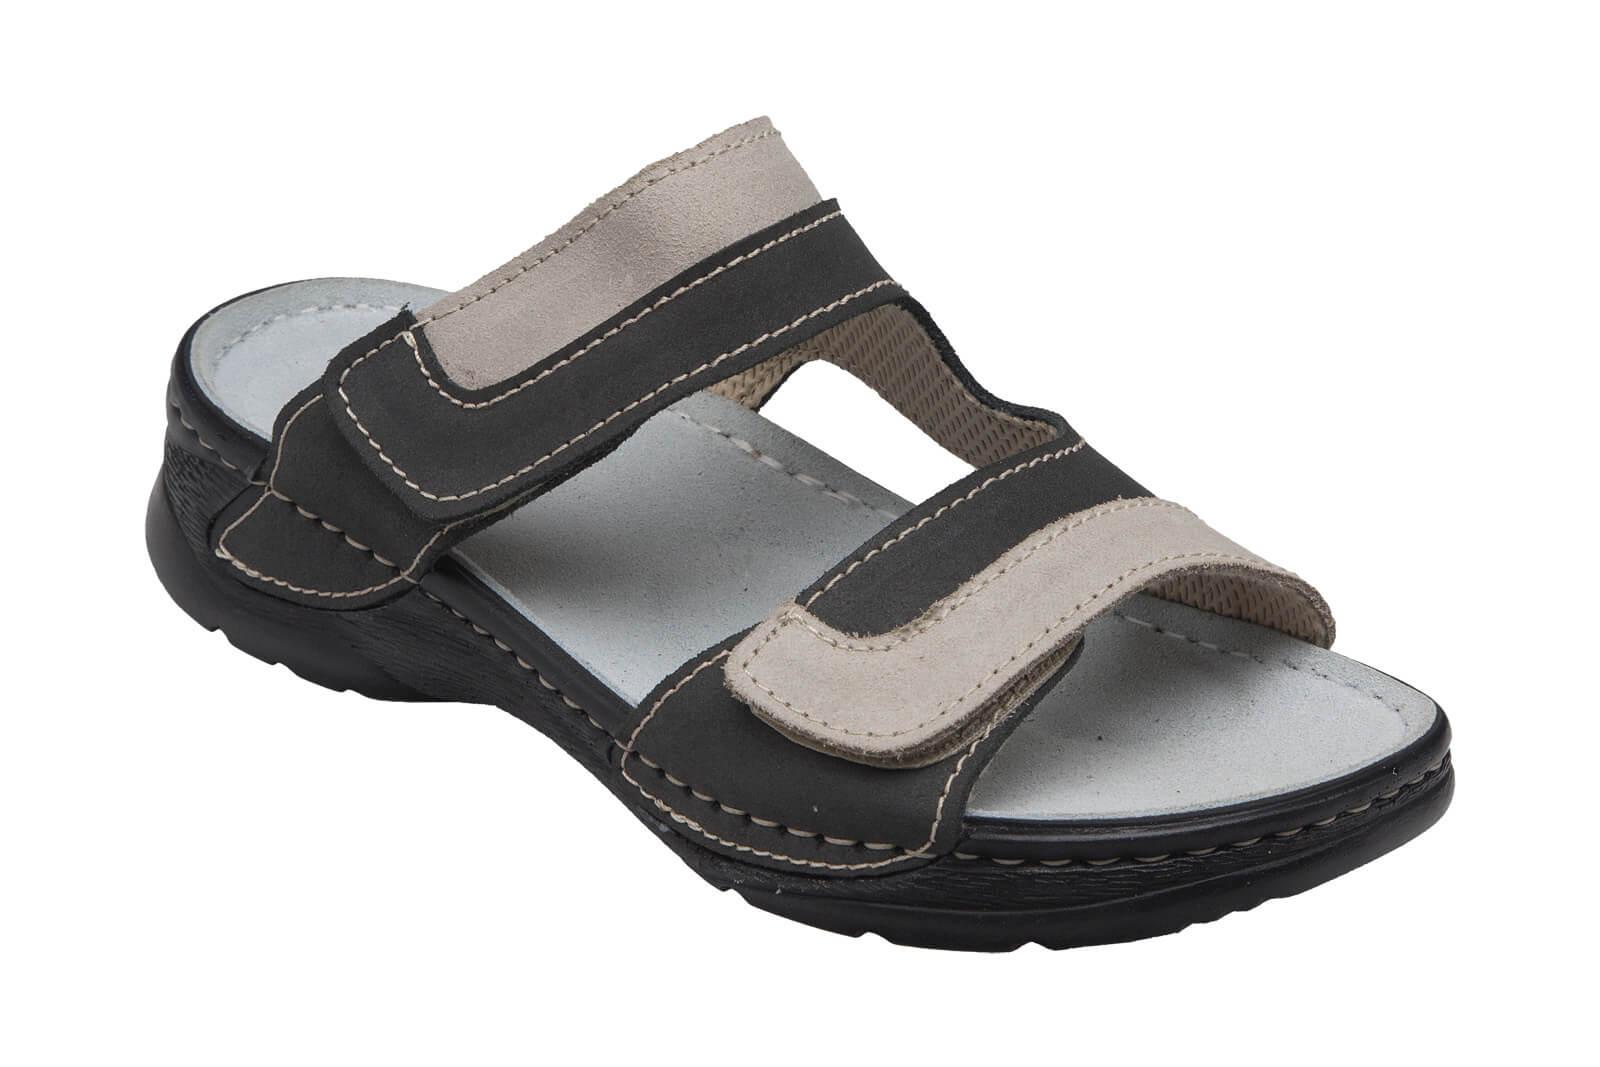 620f24ec45dd0 SANTÉ Zdravotná obuv dámska D / 12/60 / S12 / CP čierna | Vivantis.sk